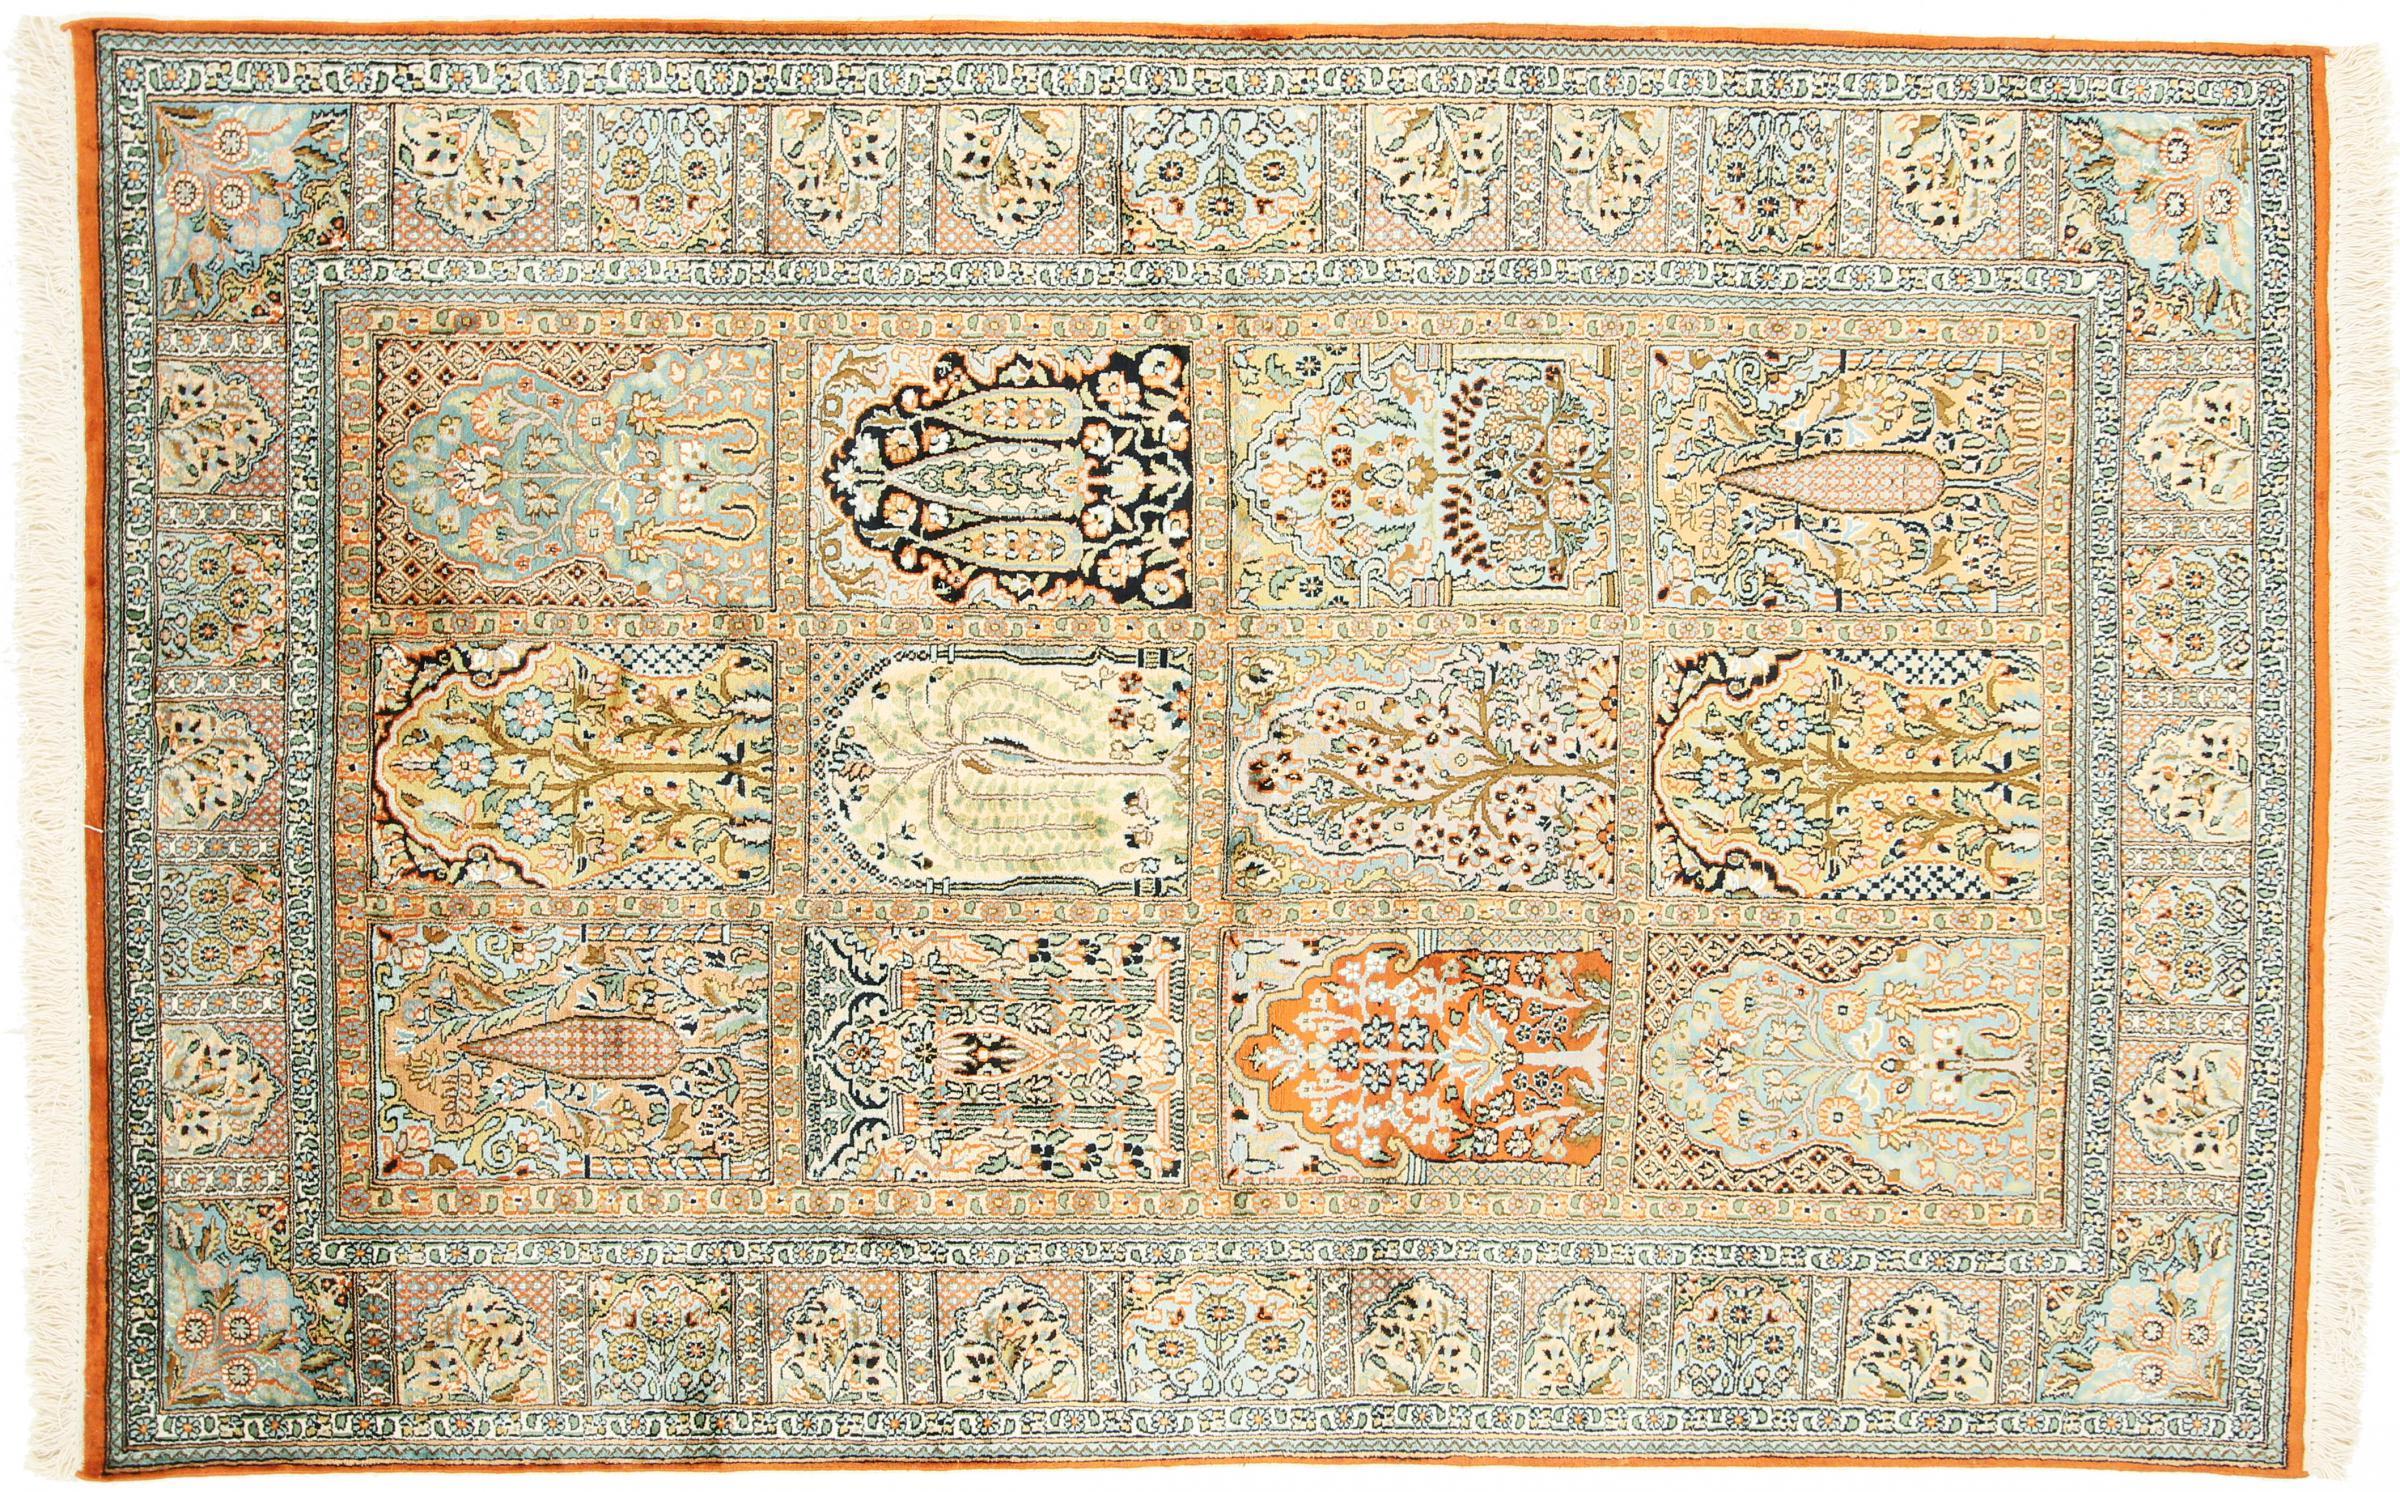 kaschmir reine seide indischer teppich 189x122 id19963. Black Bedroom Furniture Sets. Home Design Ideas